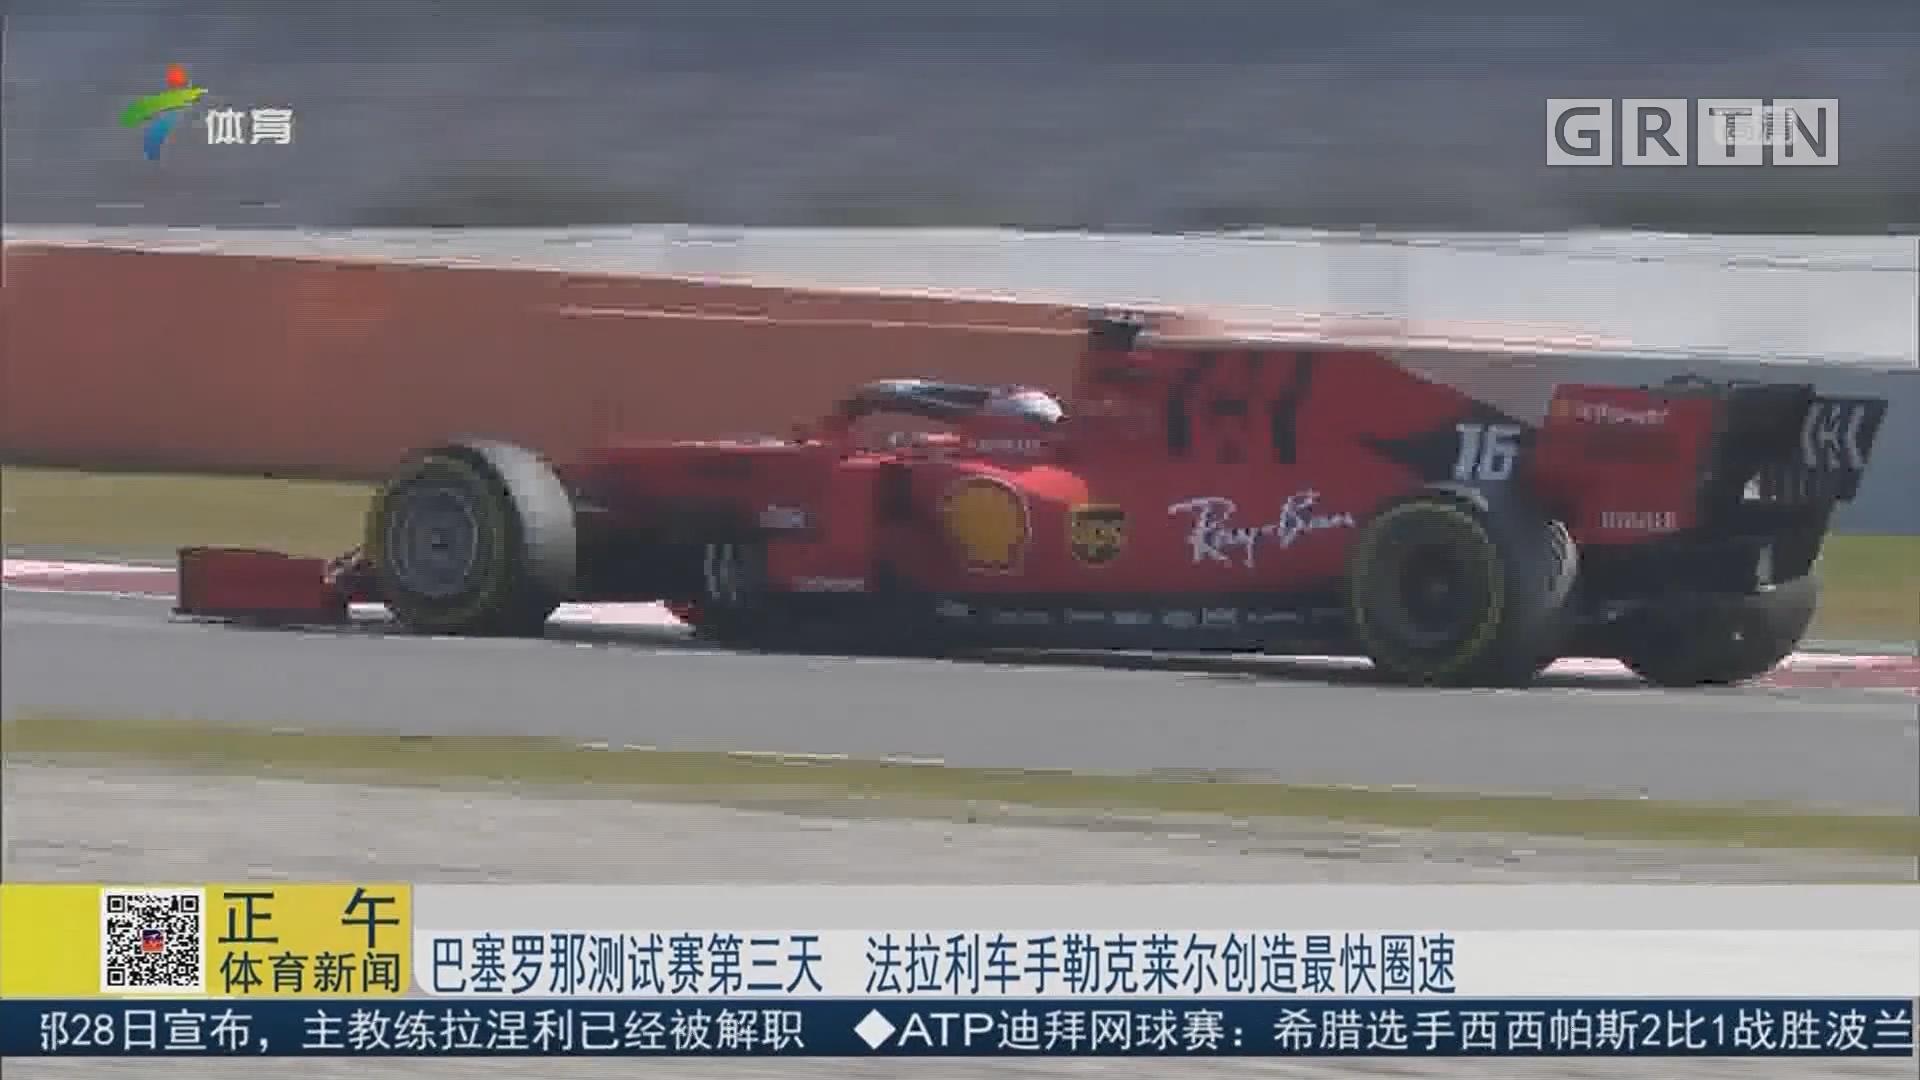 巴塞羅那測試賽第三天 法拉利車手勒克萊爾創造最快圈速